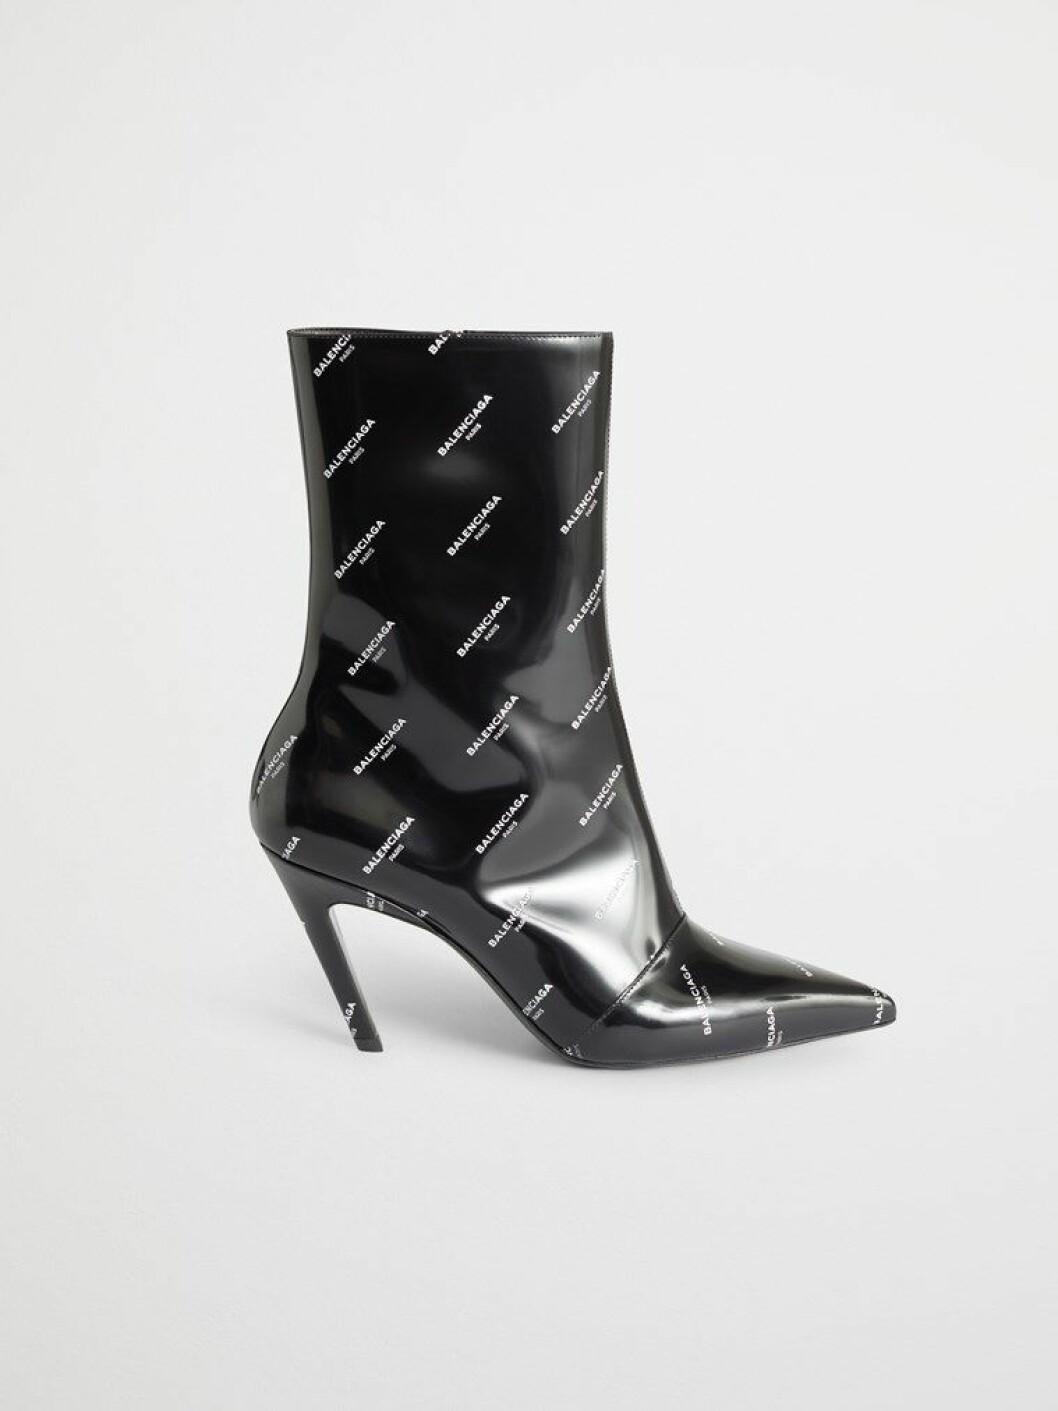 Balenciagia boots